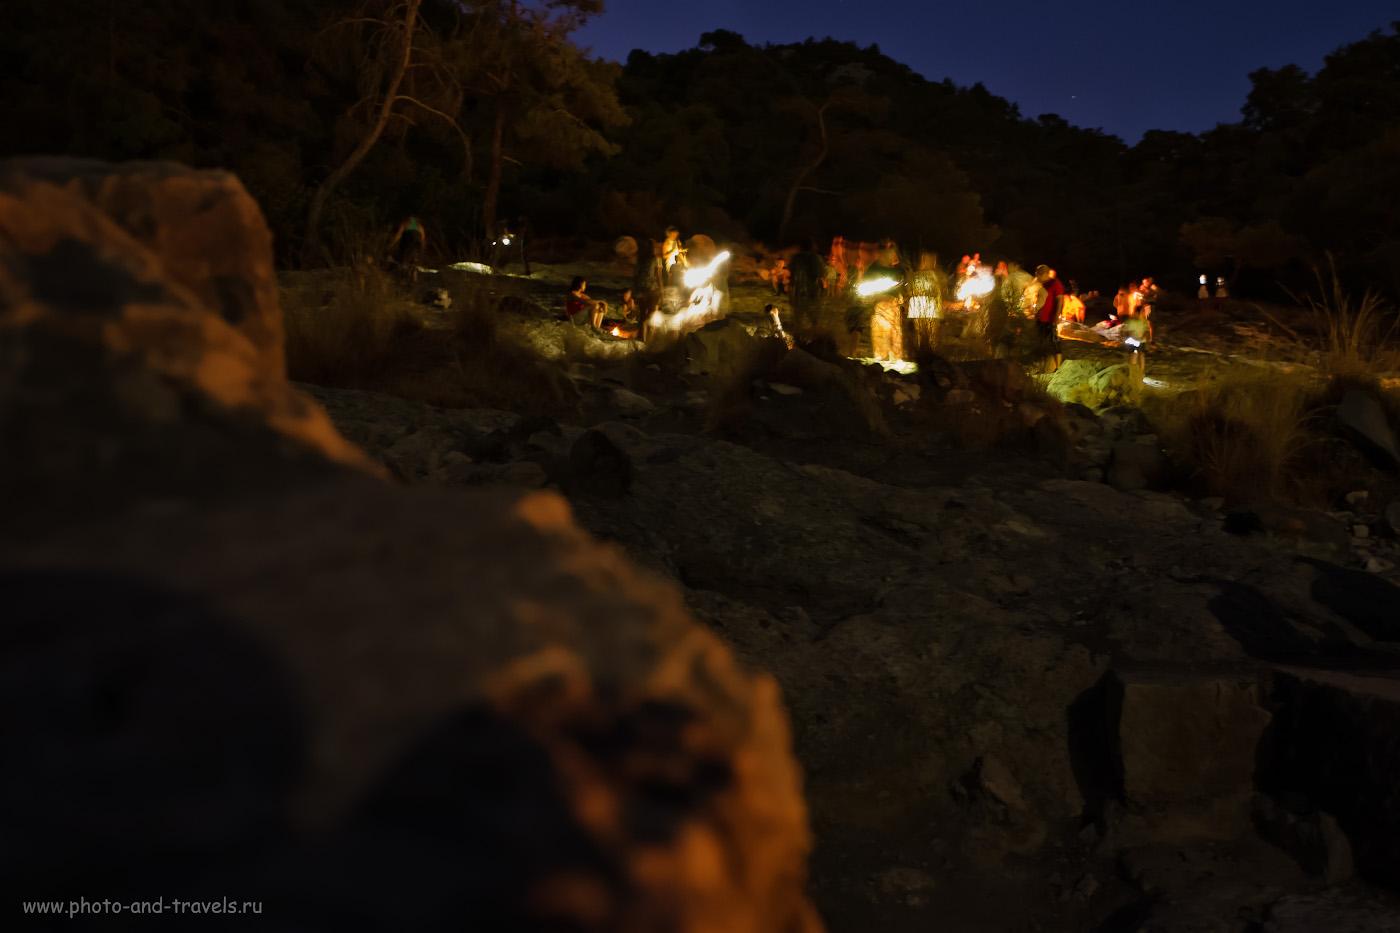 14. Спустя полчаса после того, как мы поднялись к огням горы Янарташ, количество туристов на ней поубавилось. Попробуйте сходить на нее поздней ночью. 3.5, 2.8, 3200, +1.67, 16.